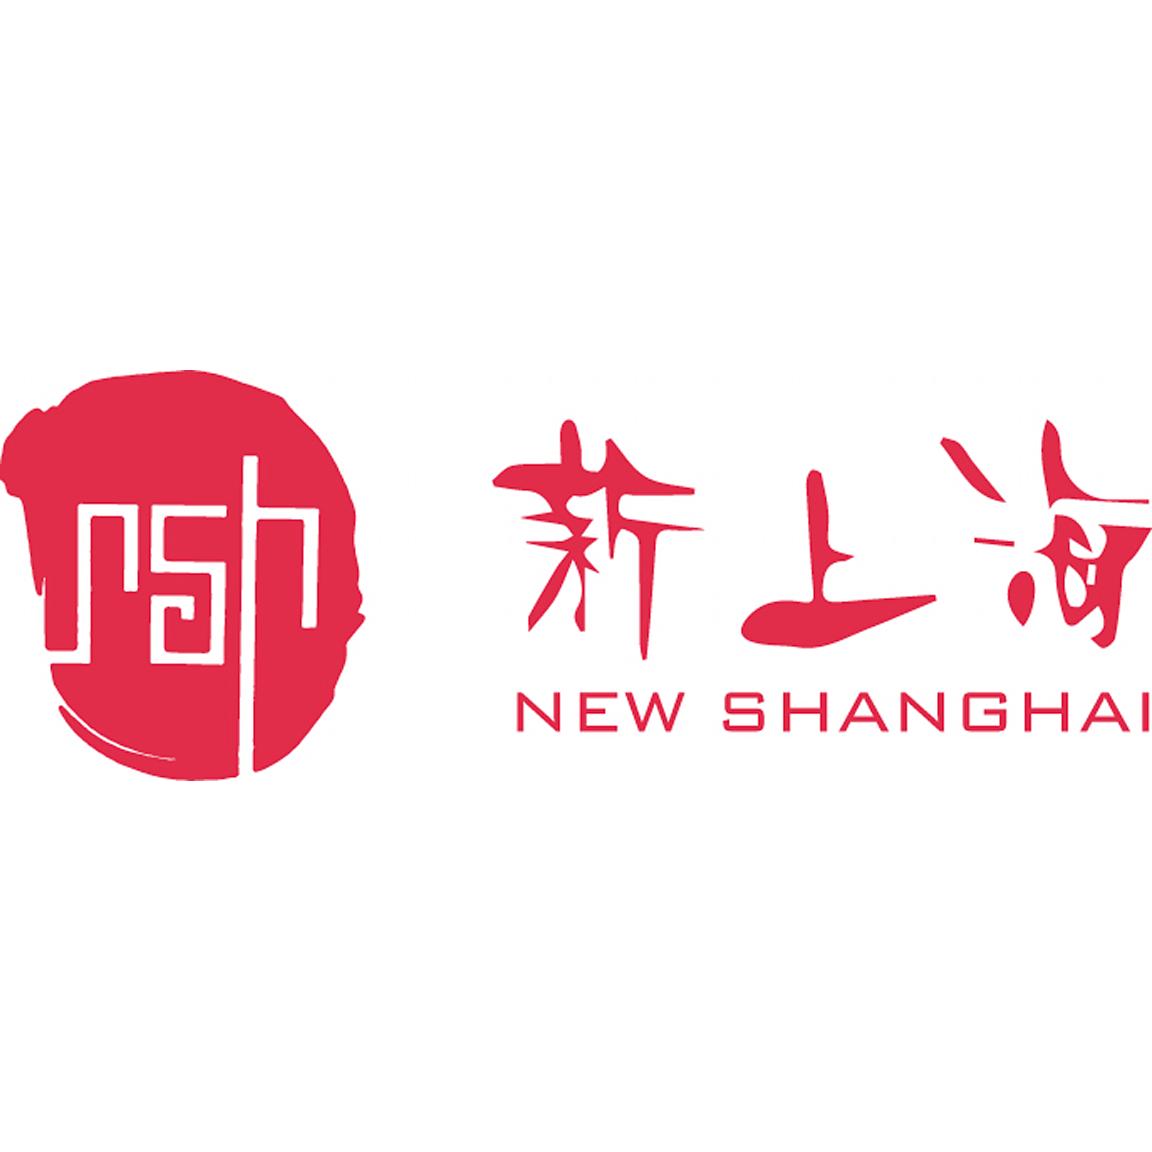 new-shanghai-logo